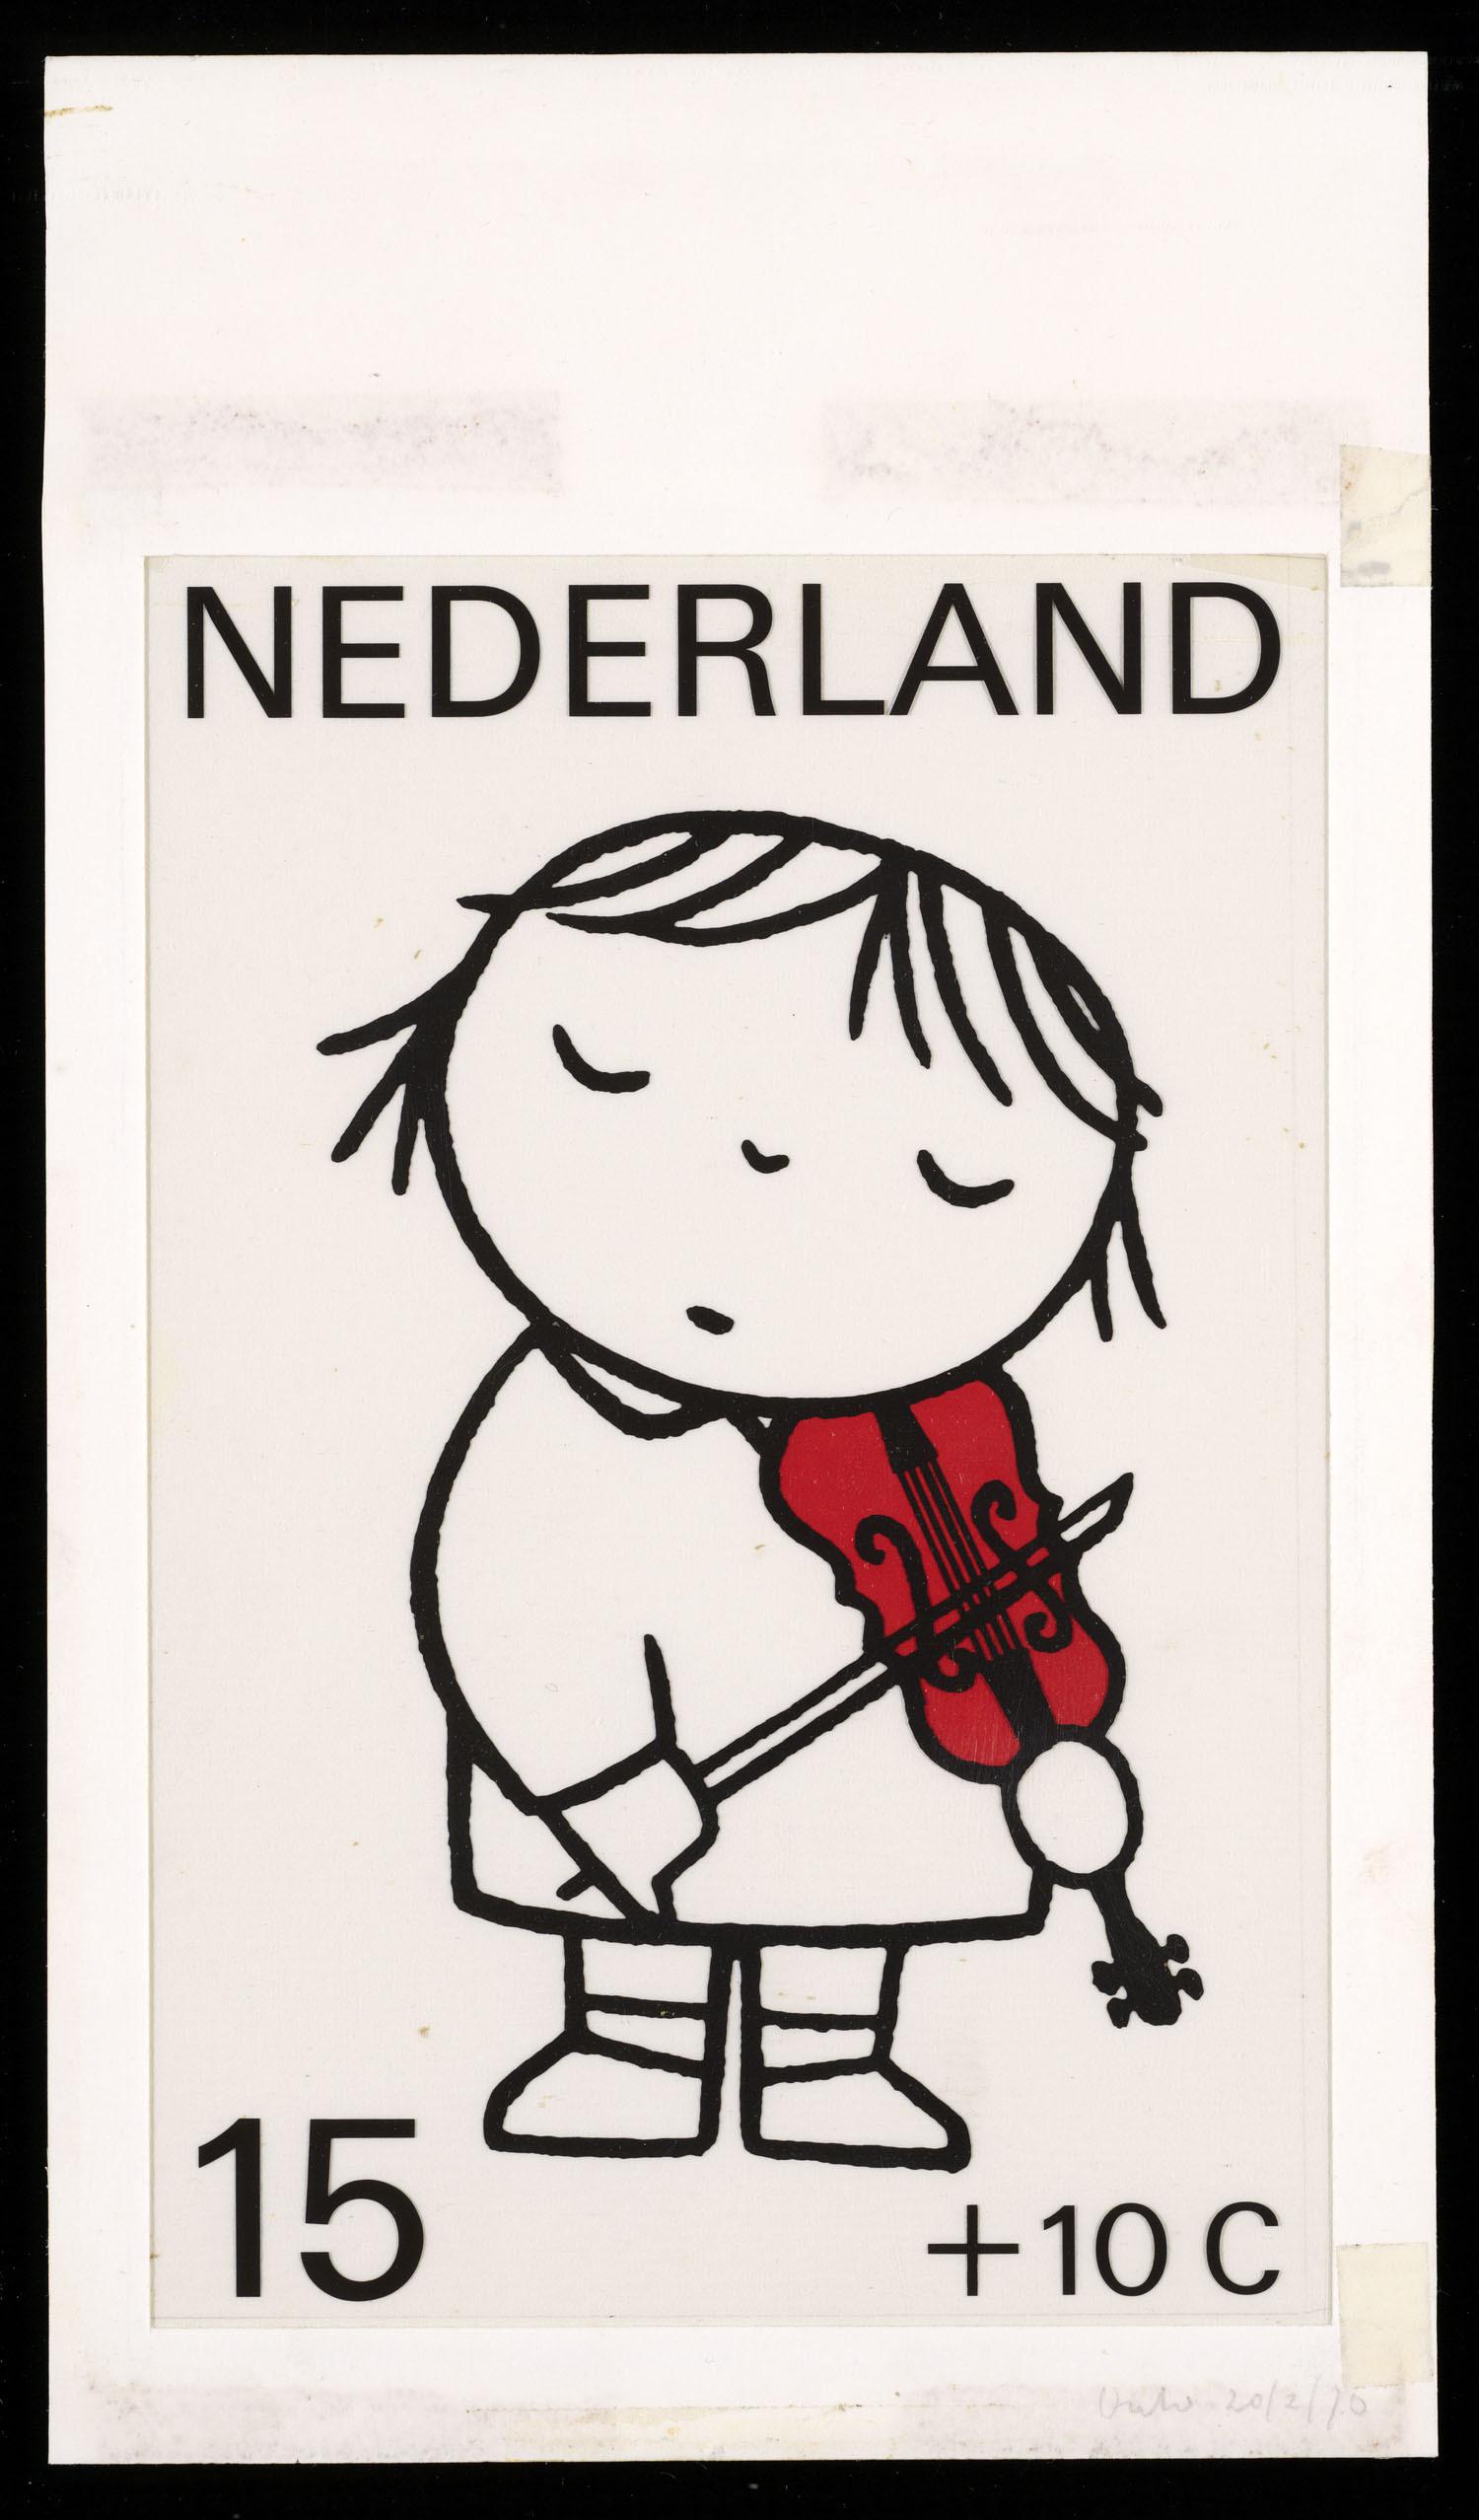 ontwerp voor kinderpostzegels nederland 1969 met